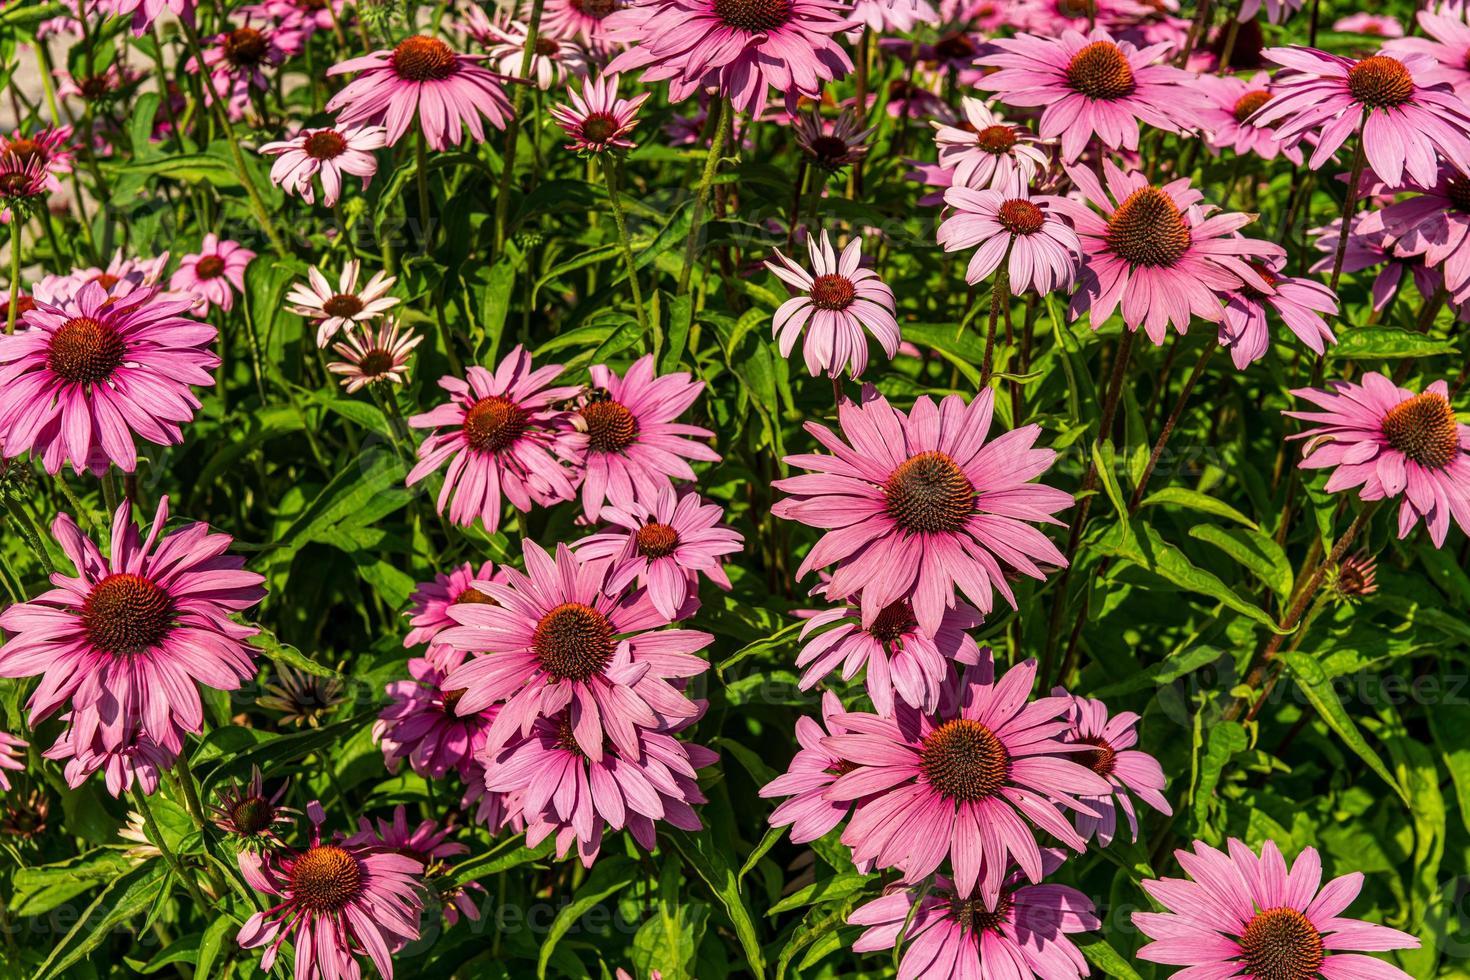 grupo de coneflowers rosas foto